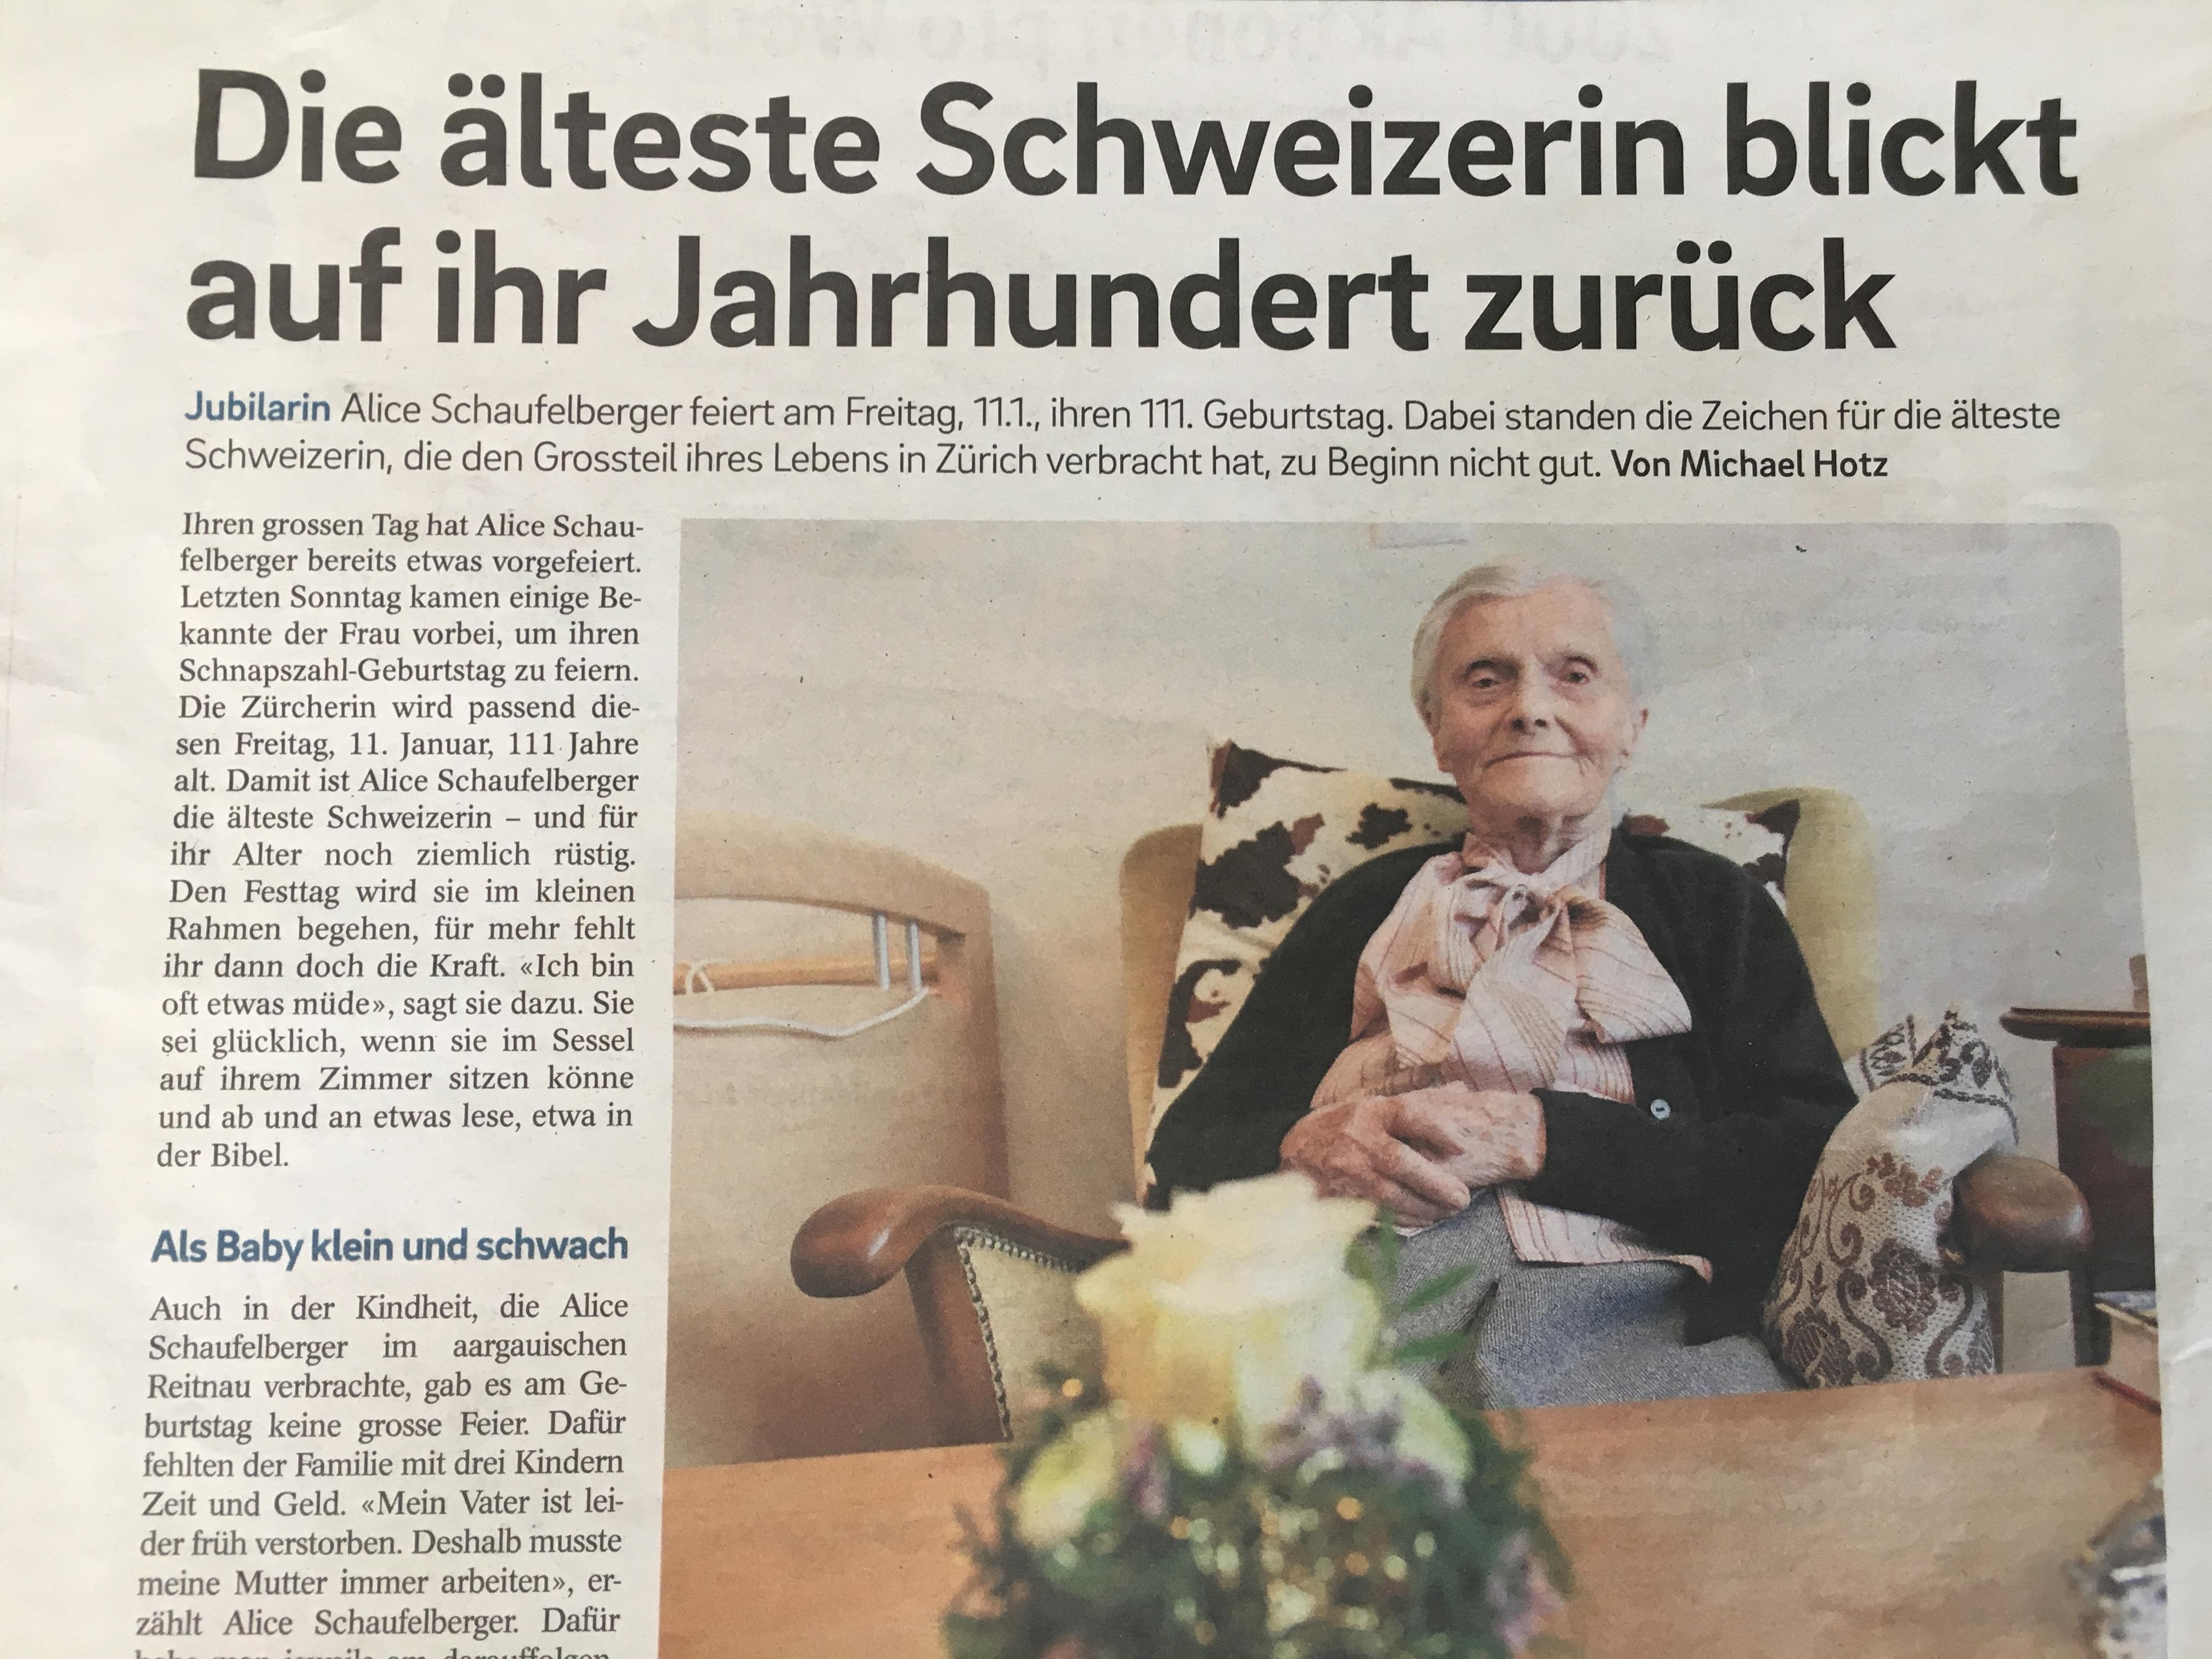 瑞士傳真|瑞士111歲人瑞,用生命寫時代的故事